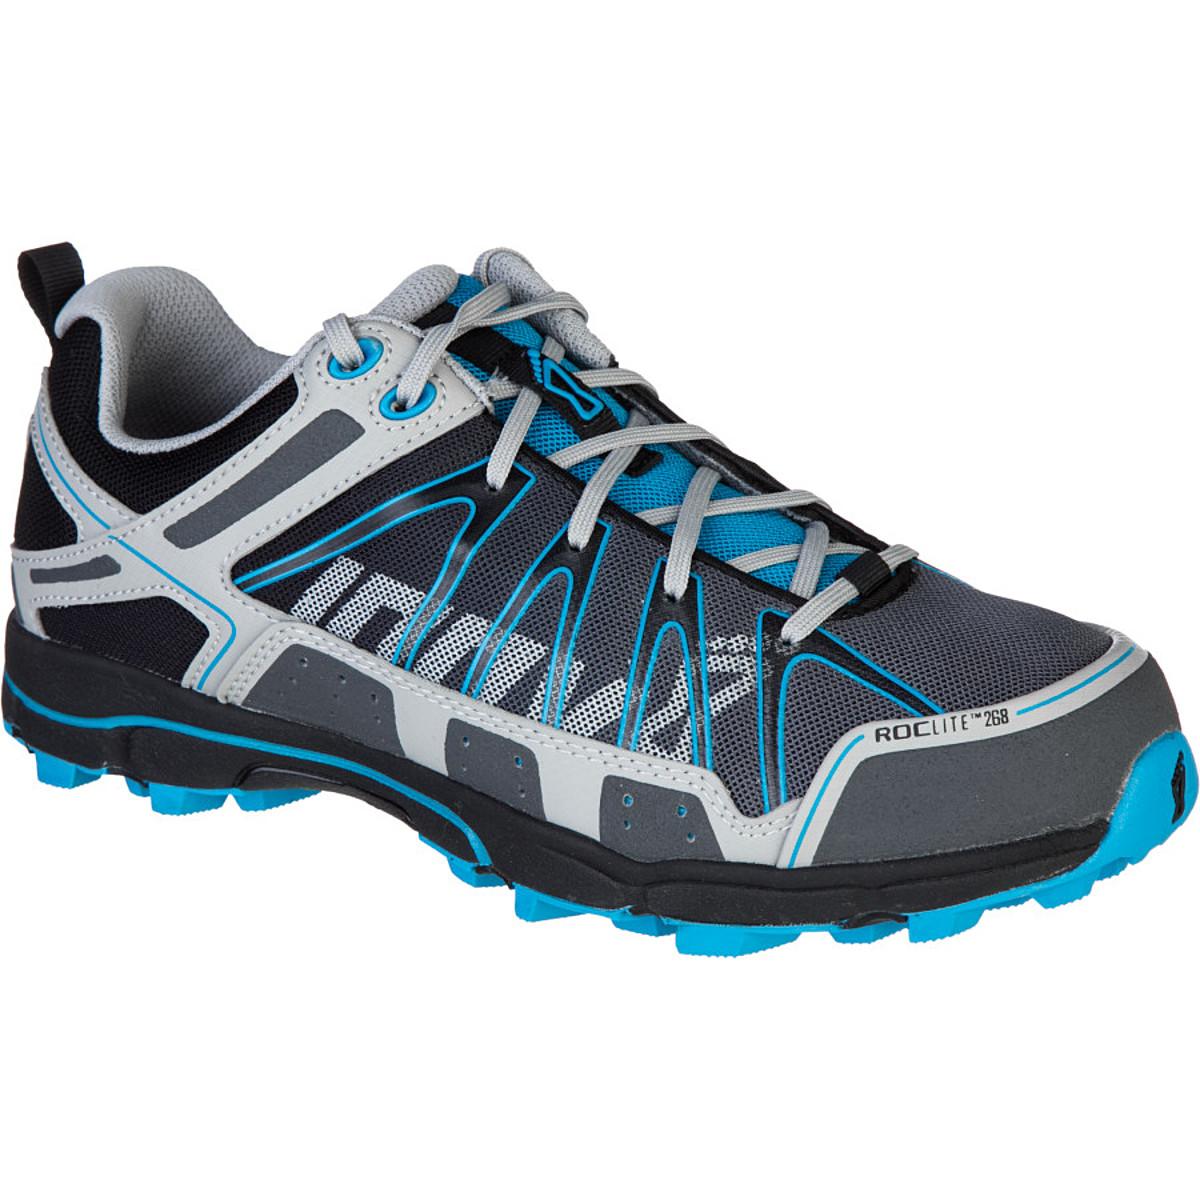 photo: Inov-8 Roclite 268 trail running shoe